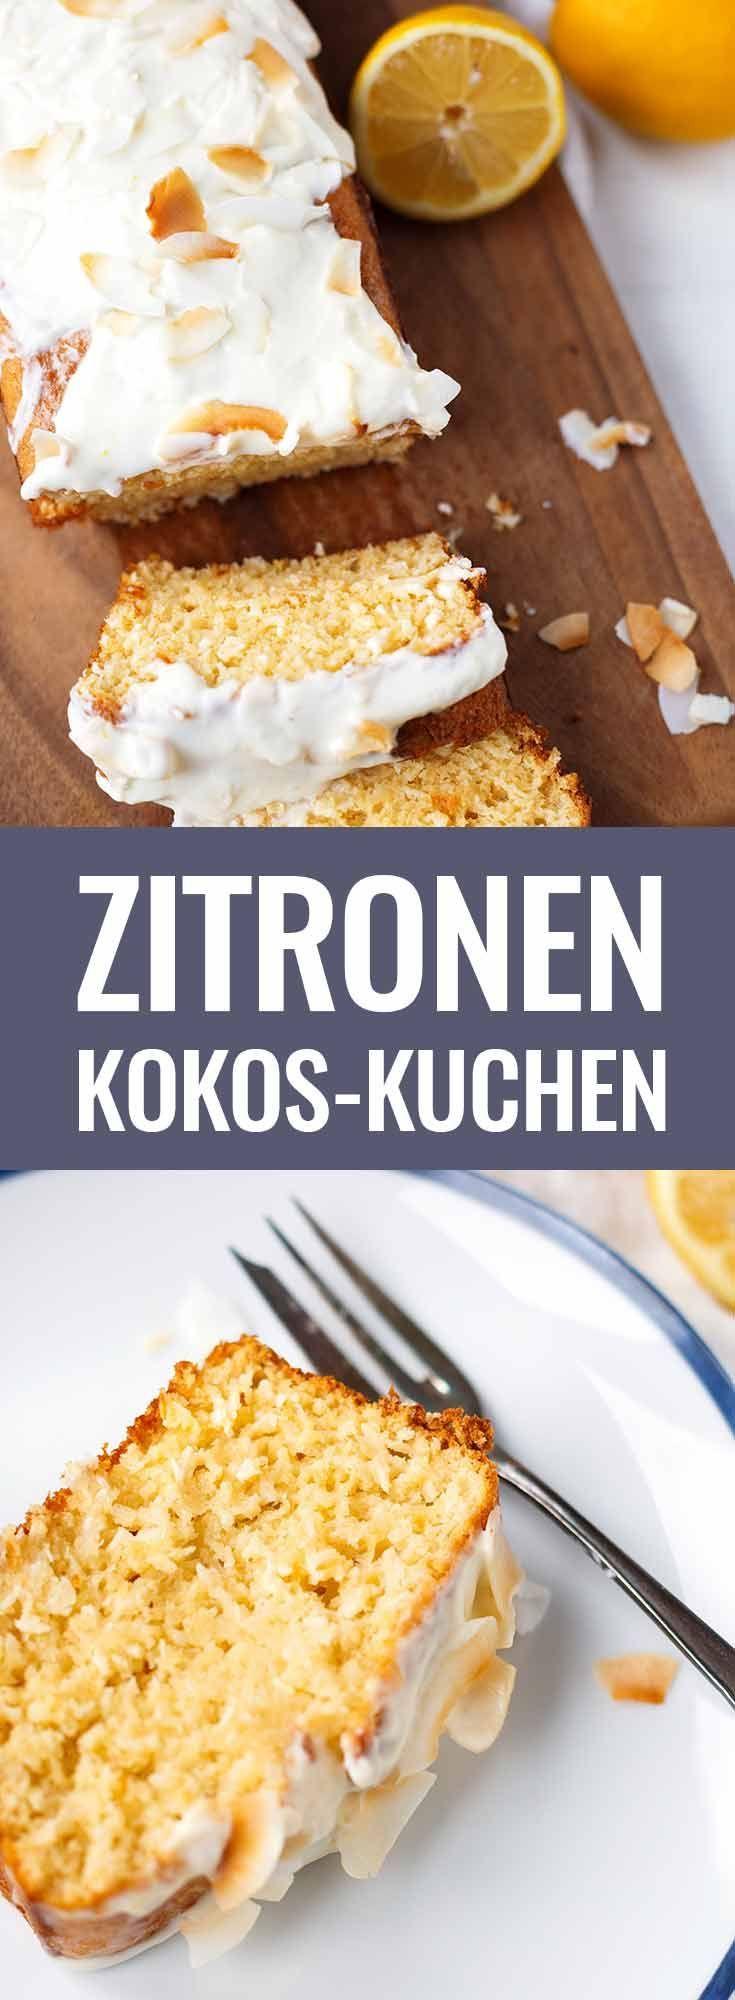 Zitronen-Kokos-Kuchen mit zitronigem Creme Fraiche-Topping